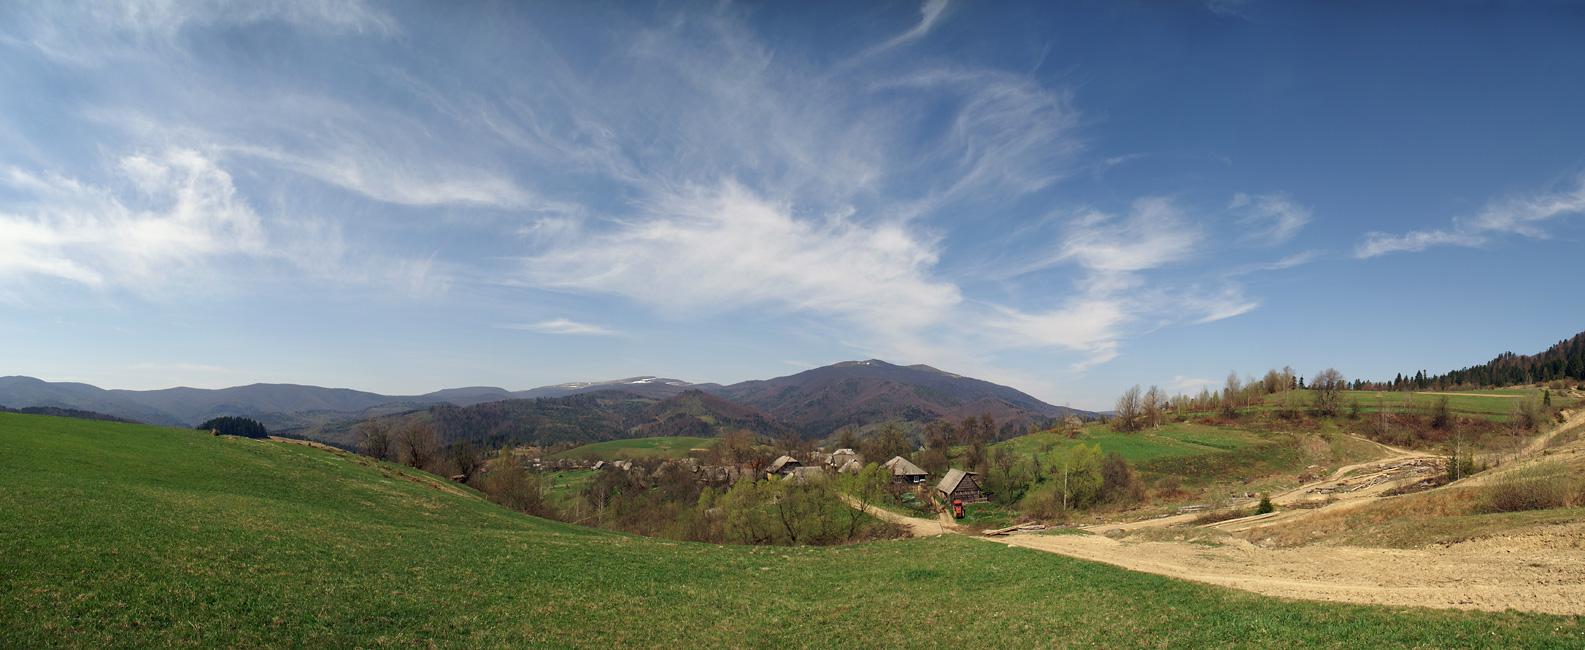 Вид на село Щербовец (Закарпатье). Конец апреля. На заднем плане гора Полонина Руна (1479 м) и Острая (1405 м)